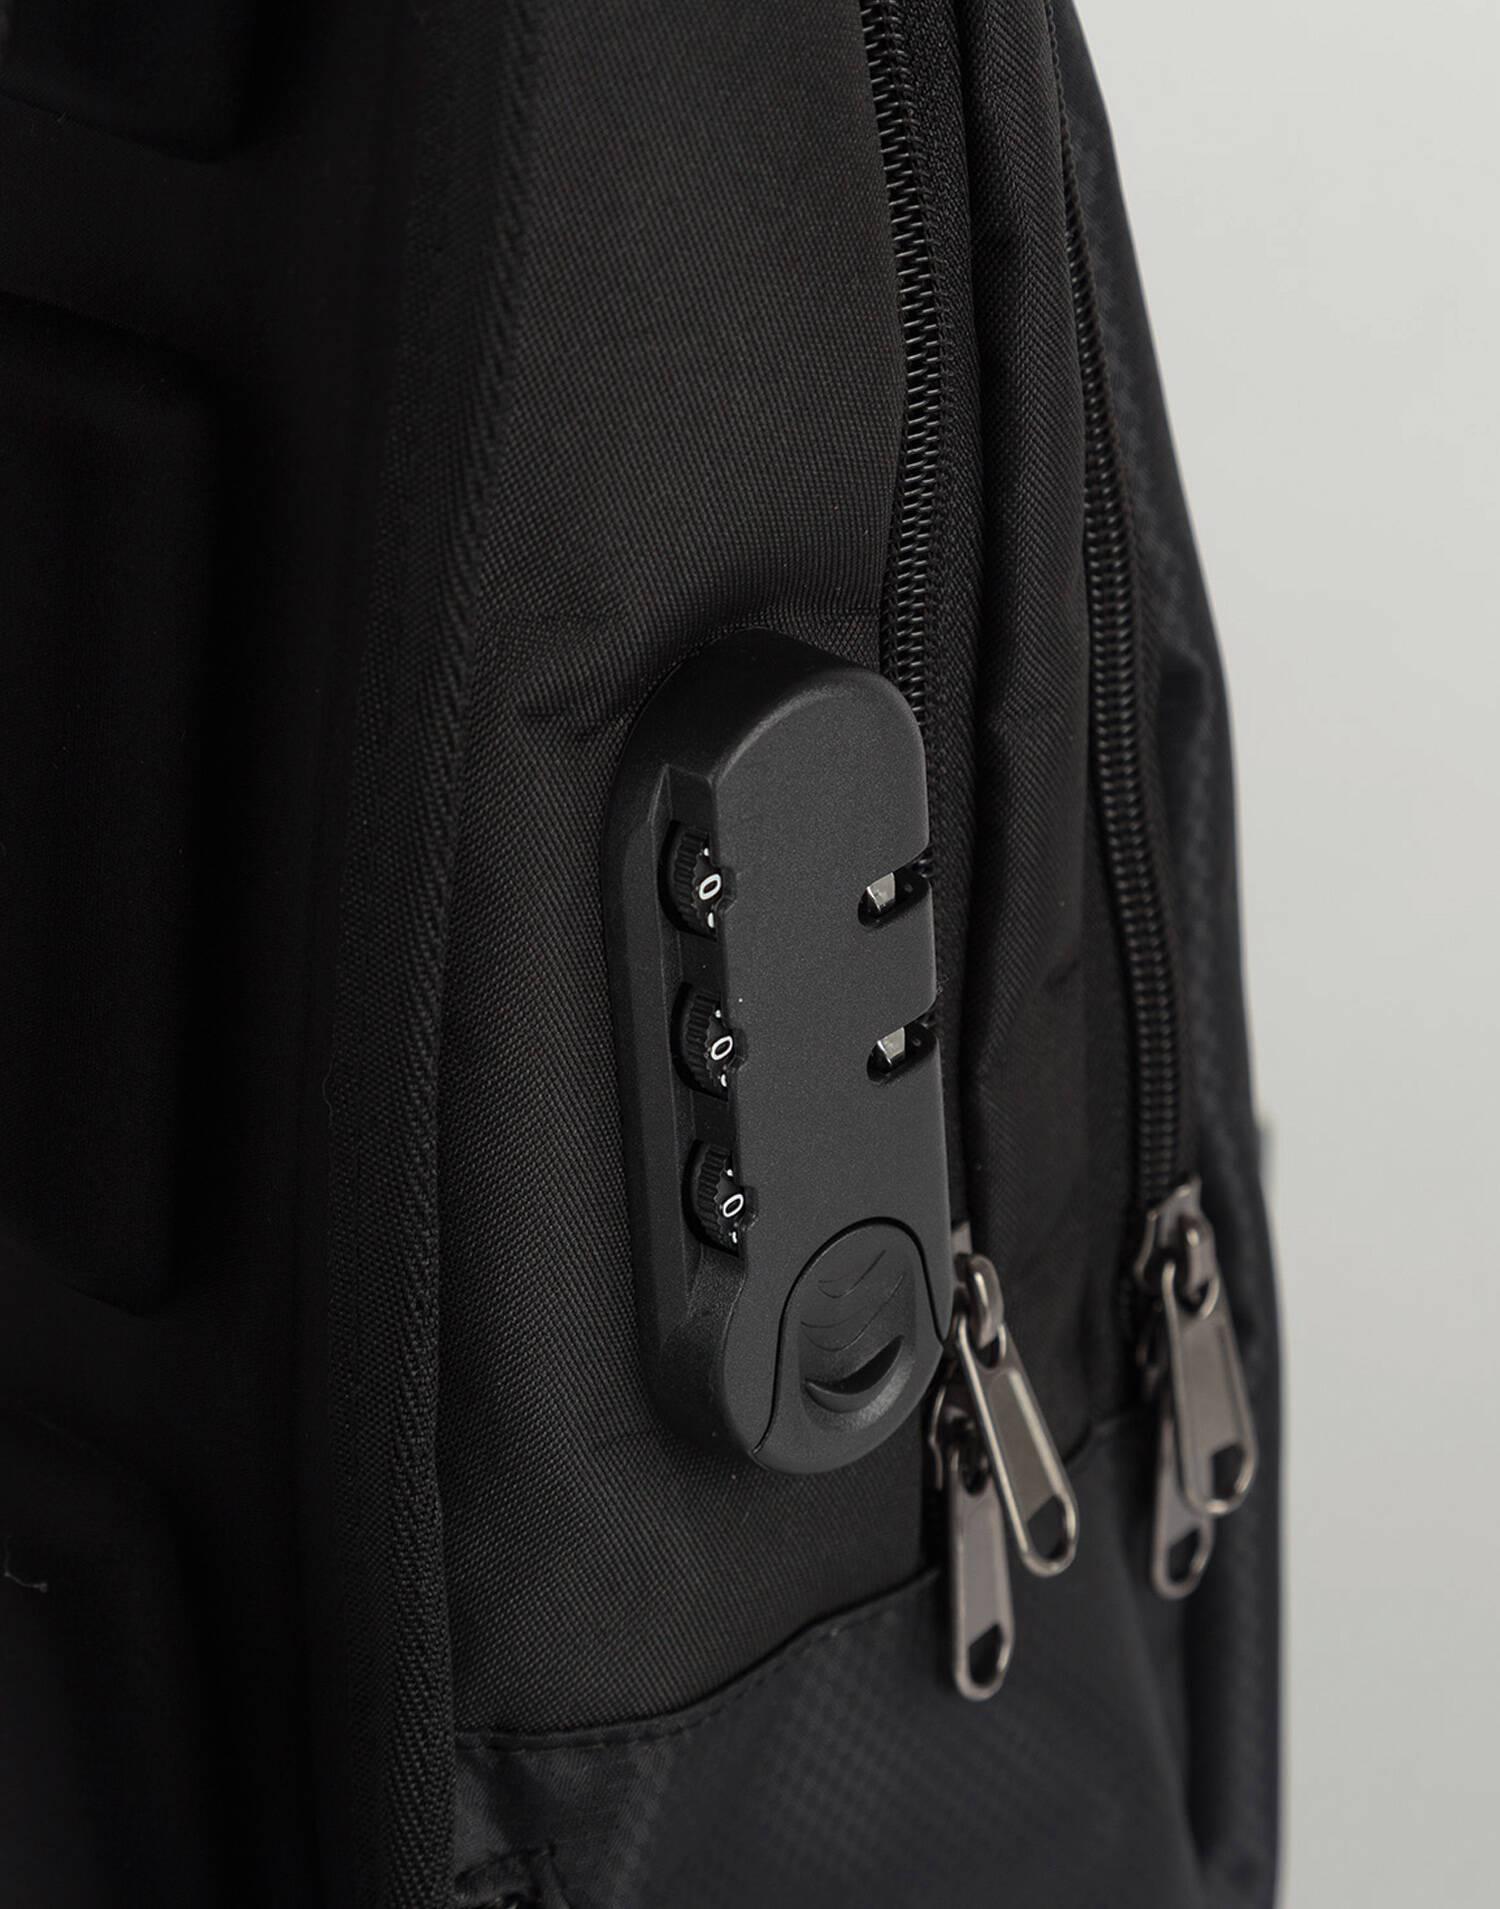 Anti-theft safe bag